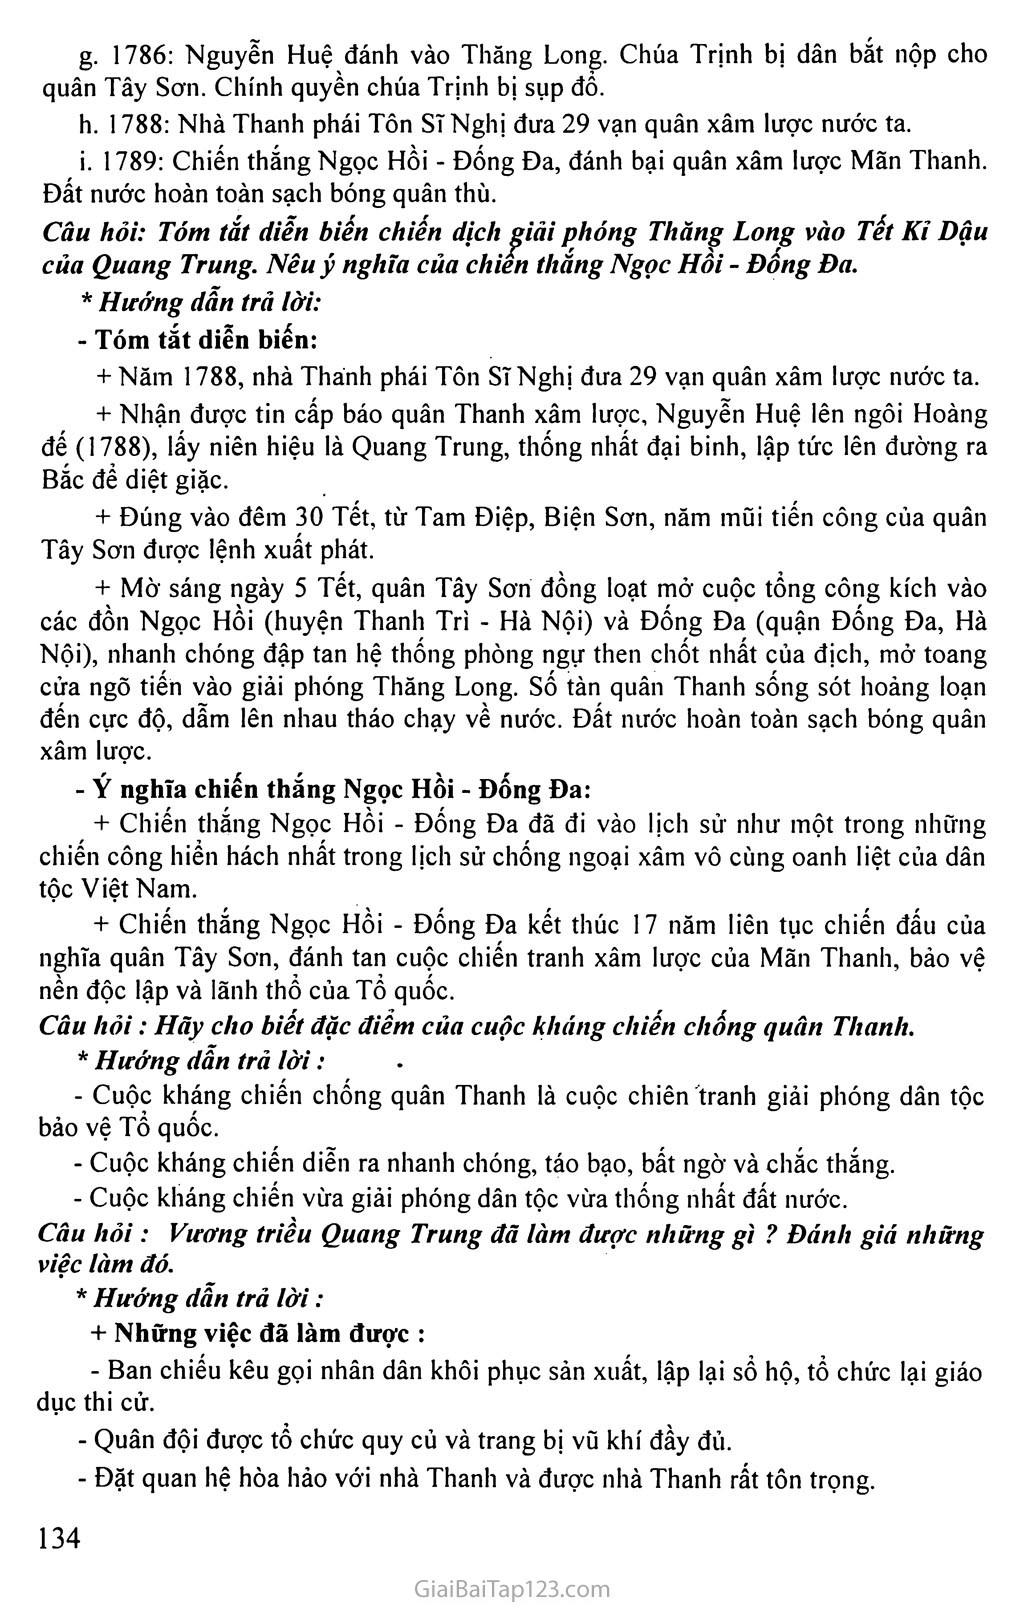 Bài 37: Khởi nghĩa nông dân Đàng Trong và phong trào Tây Sơn trang 4